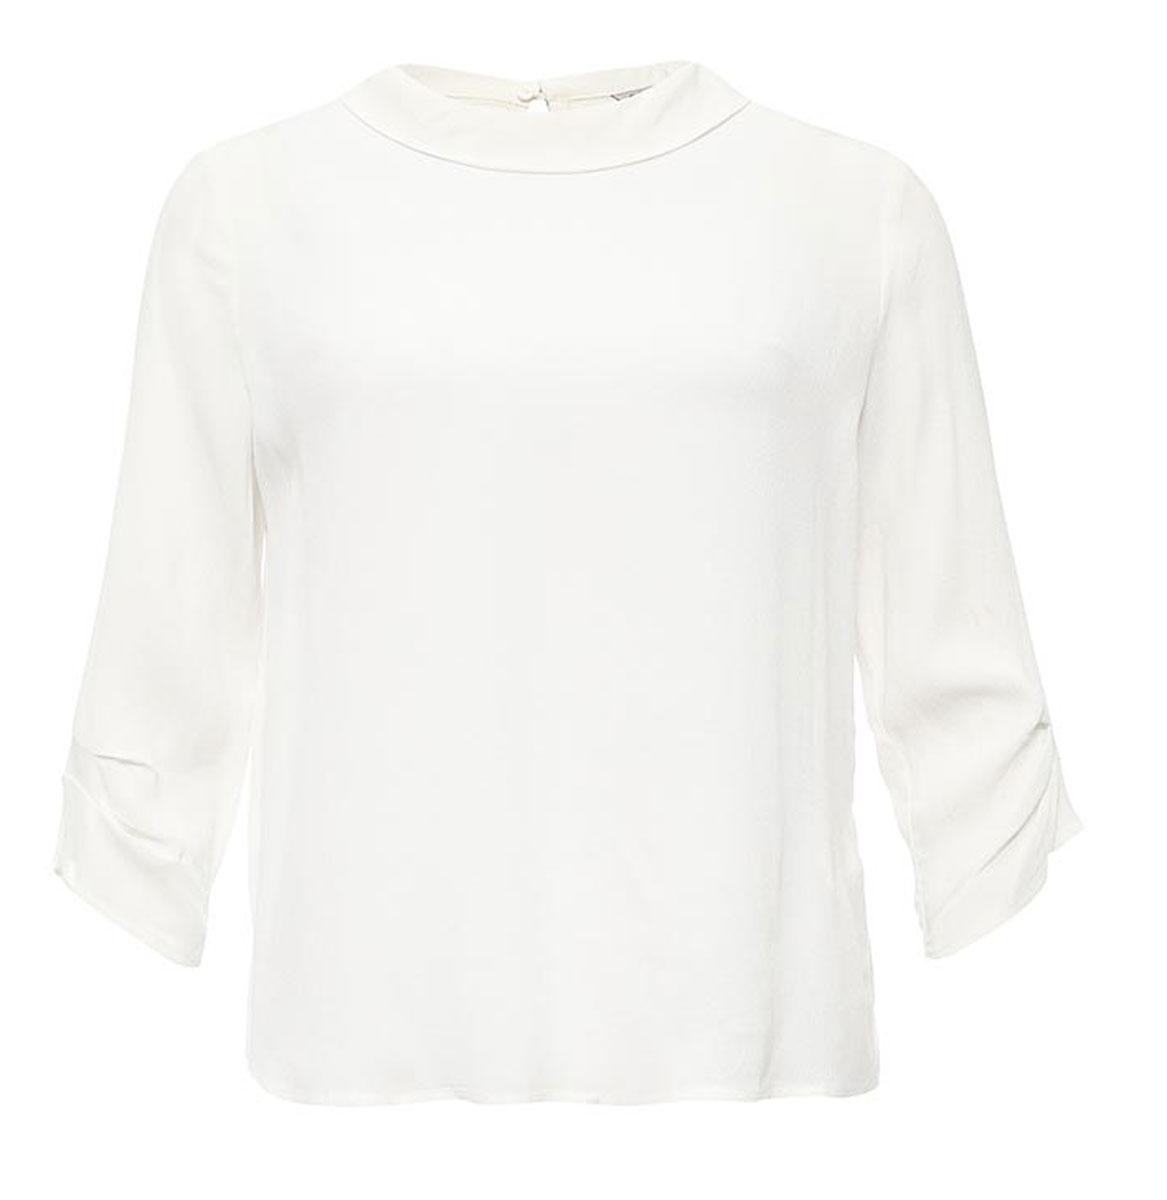 Блузка женская Sela, цвет: молочный. Tw-112/1172-7131. Размер 48Tw-112/1172-7131Лаконичная женская блузка Sela выполнена из тонкого легкого материала. Модель прямого кроя с отложным воротничком и рукавами 3/4 застегивается сзади на пуговицу. Блузкаподойдет для офиса, прогулок и дружеских встреч и будет отлично сочетаться с джинсами и брюками, и гармонично смотреться с юбками. Мягкая ткань на основе вискозы комфортна и приятна на ощупь.